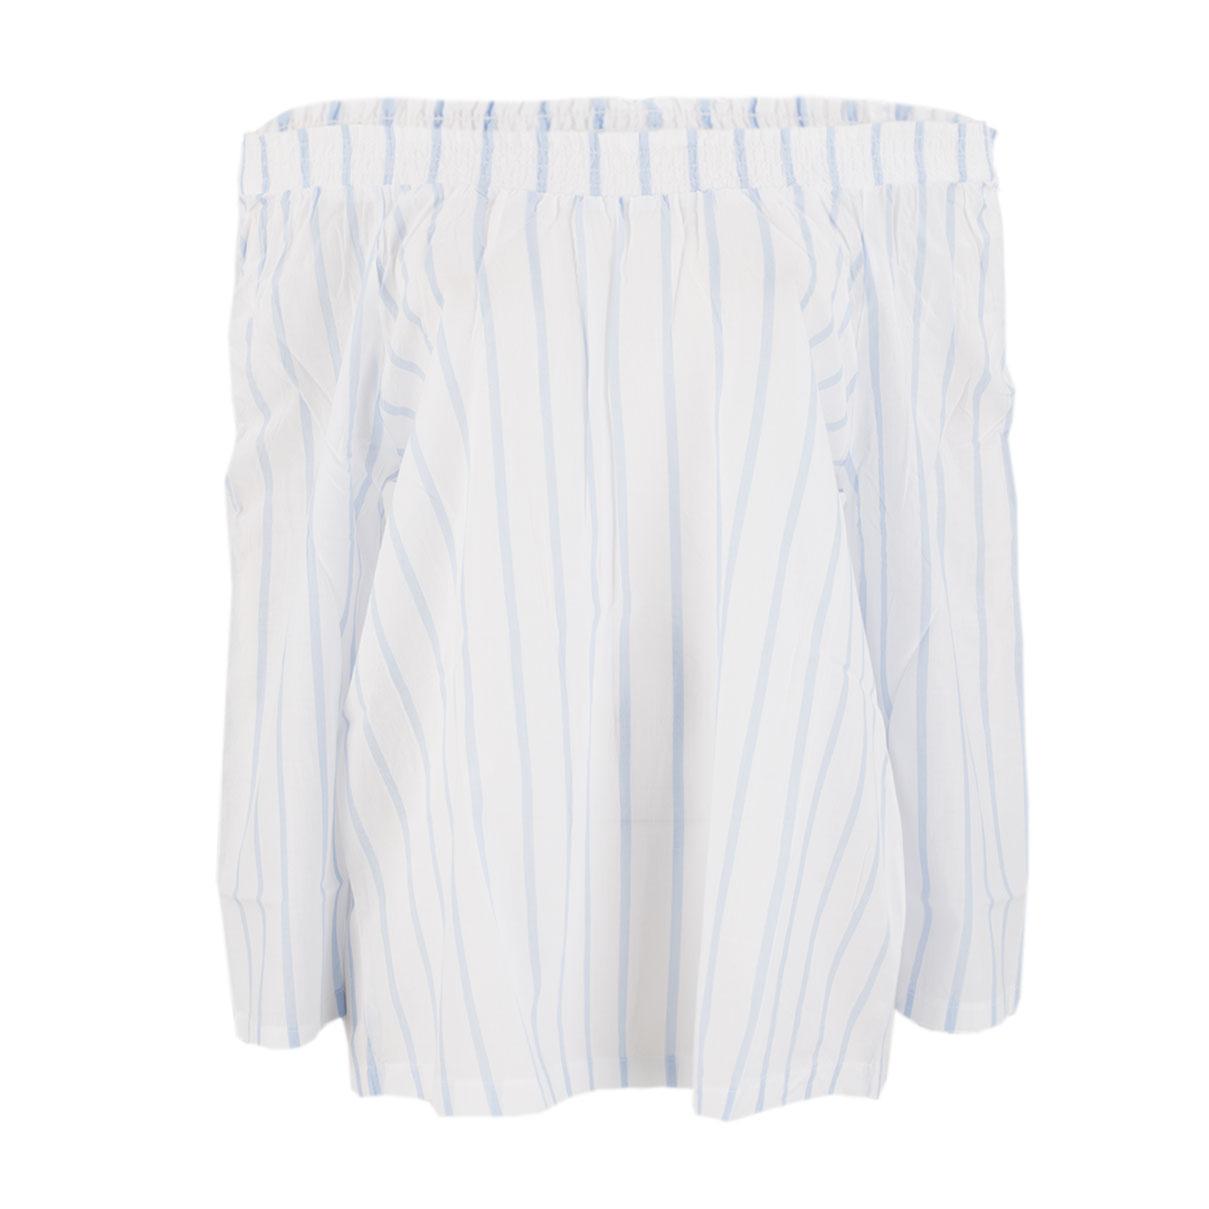 Carmenbluse - Regular Fit - Stripes